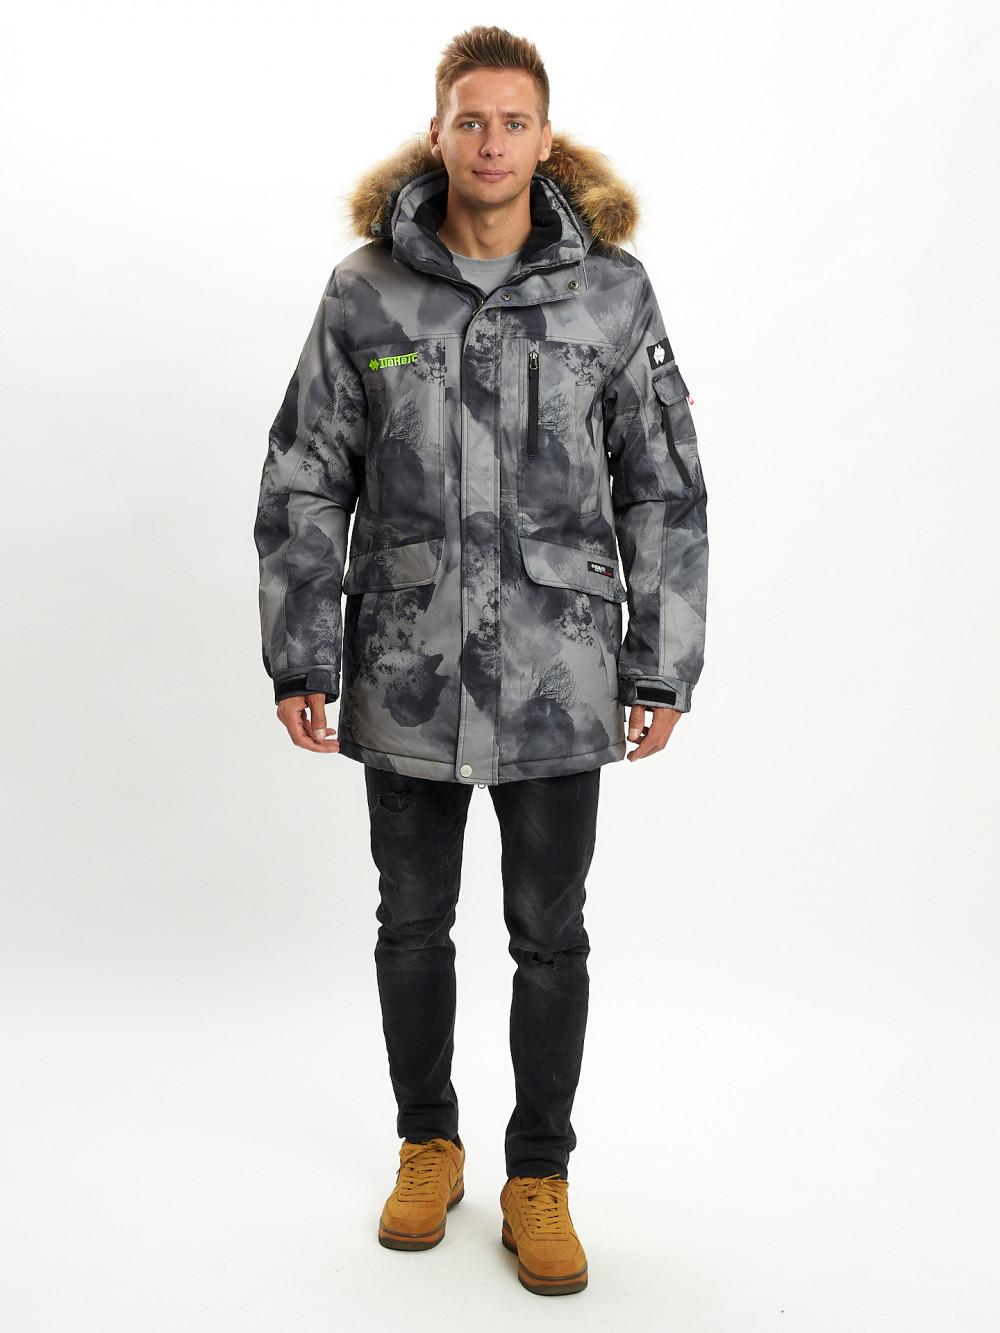 Купить оптом Mолодежная зимняя куртка мужская темно-серого цвета 737TC в Екатеринбурге